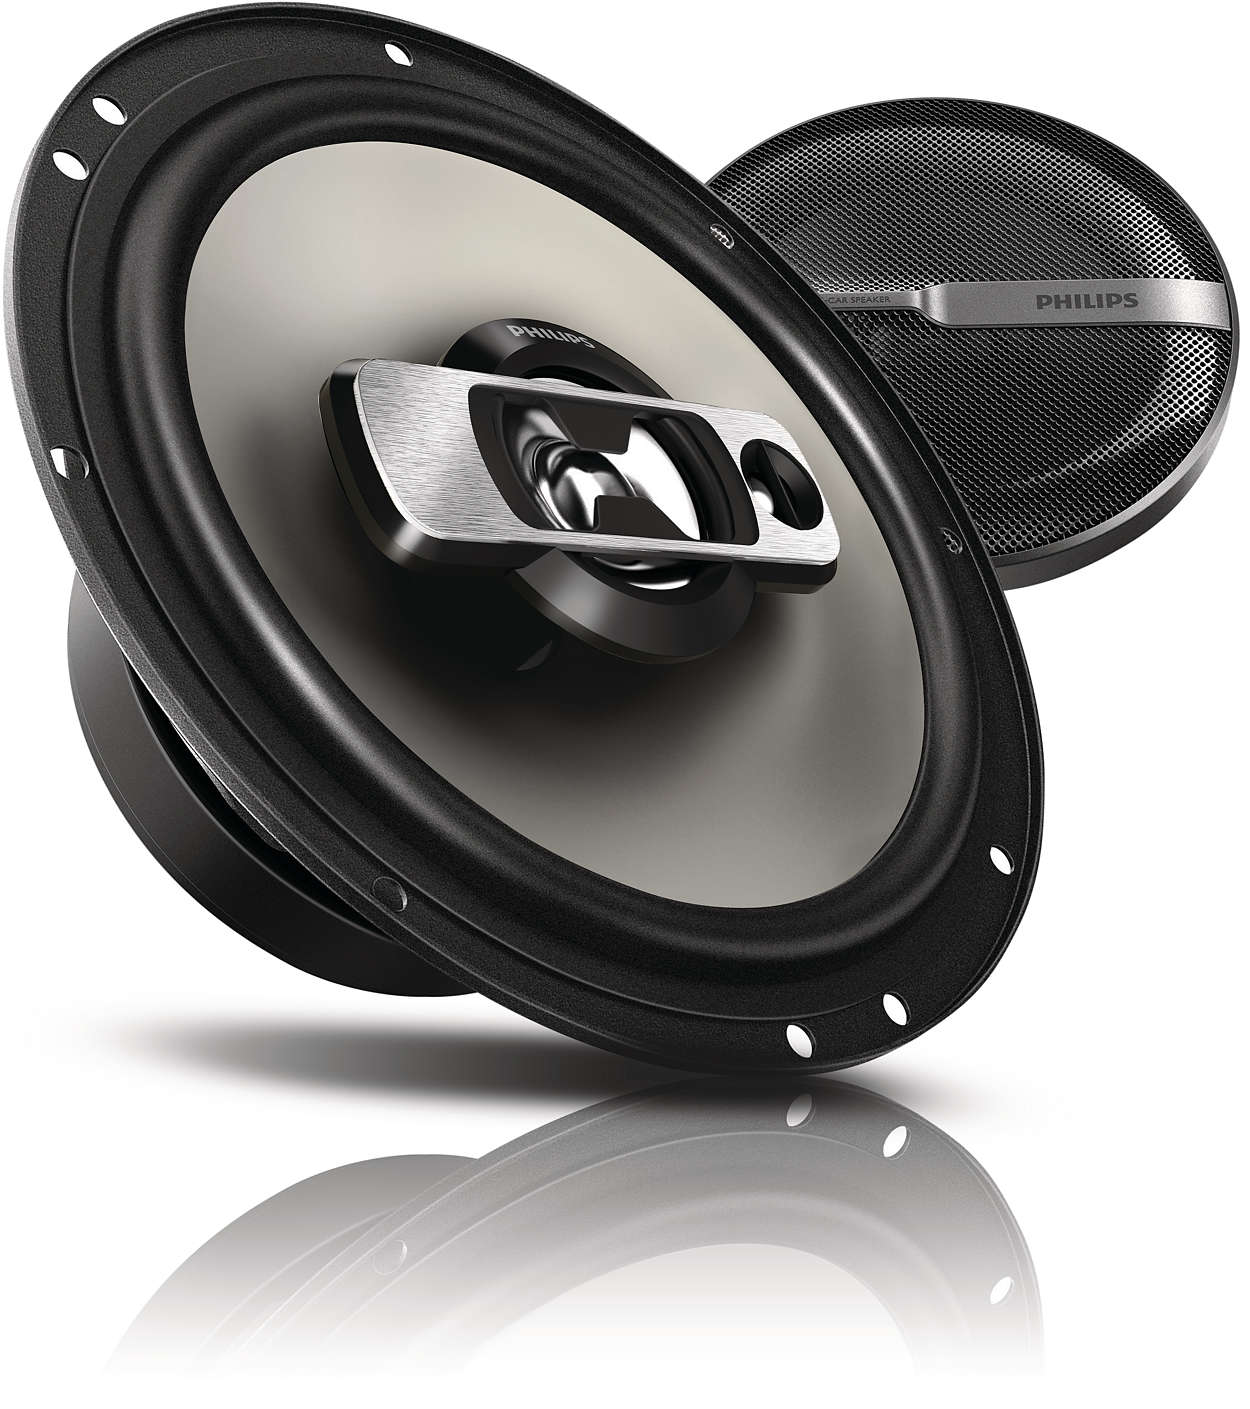 Wysoka jakość dźwięku w pojeździe